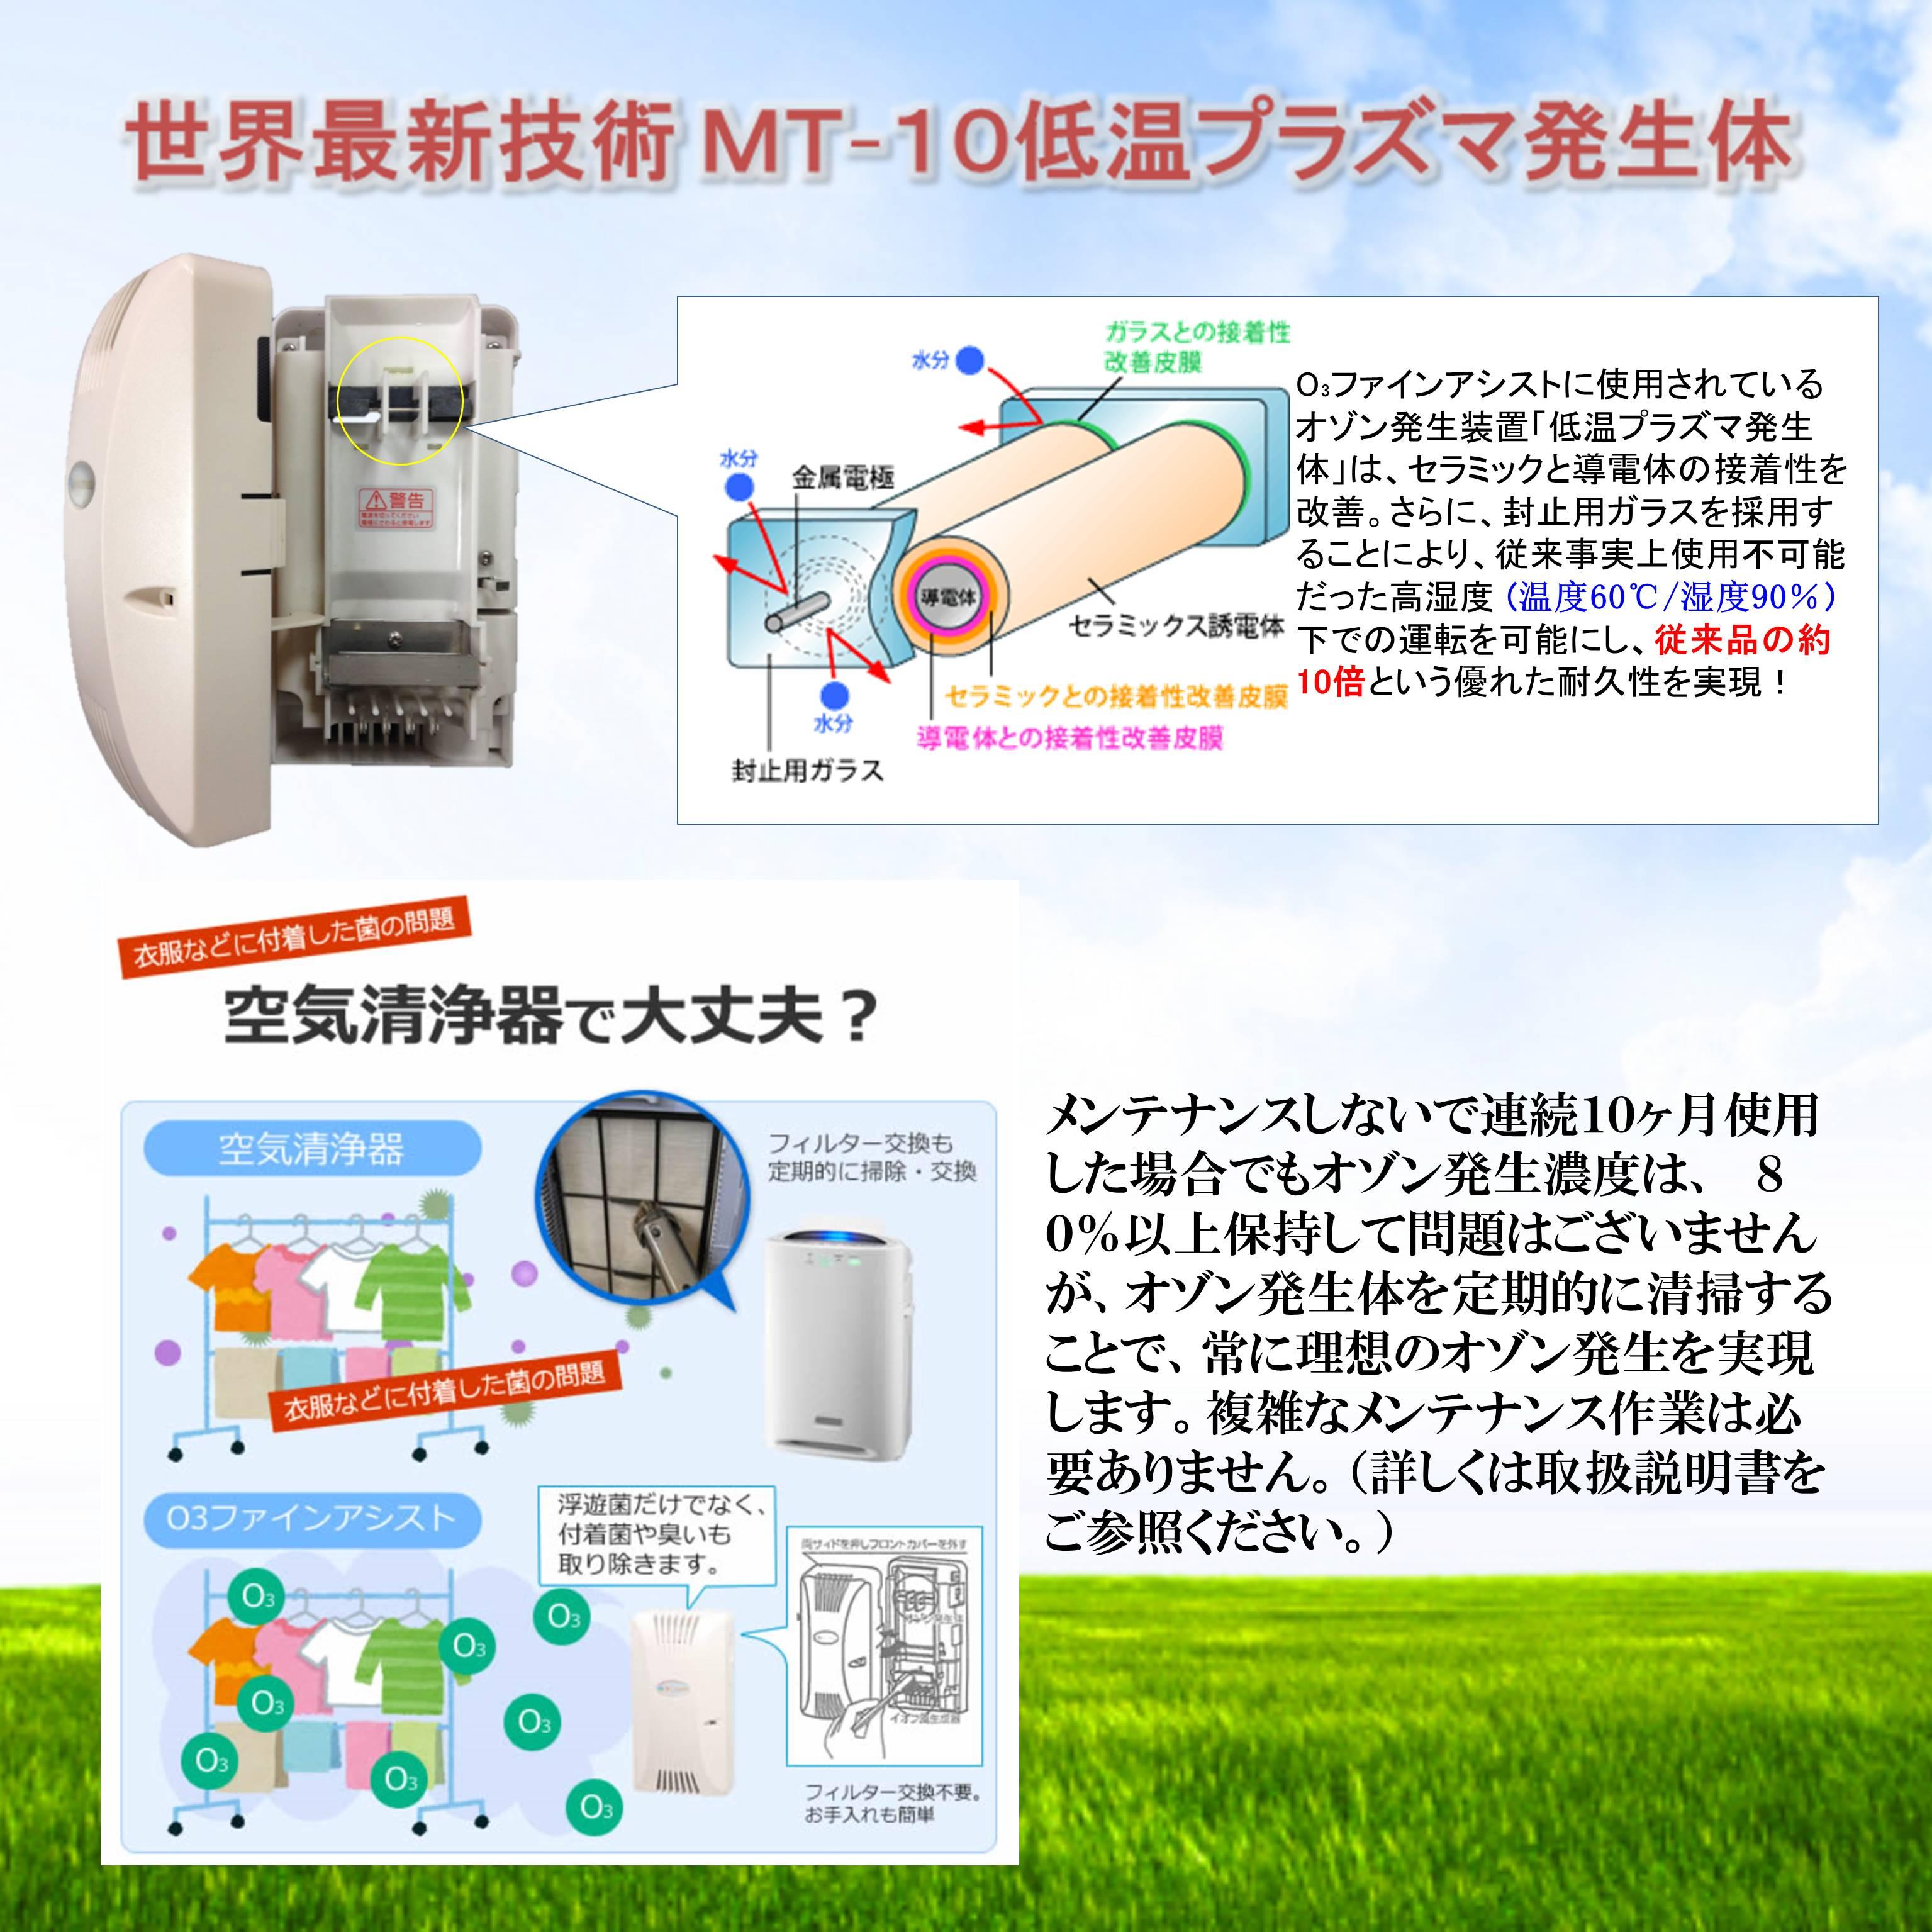 世界最新技術MT-10低音プラズマ発生体